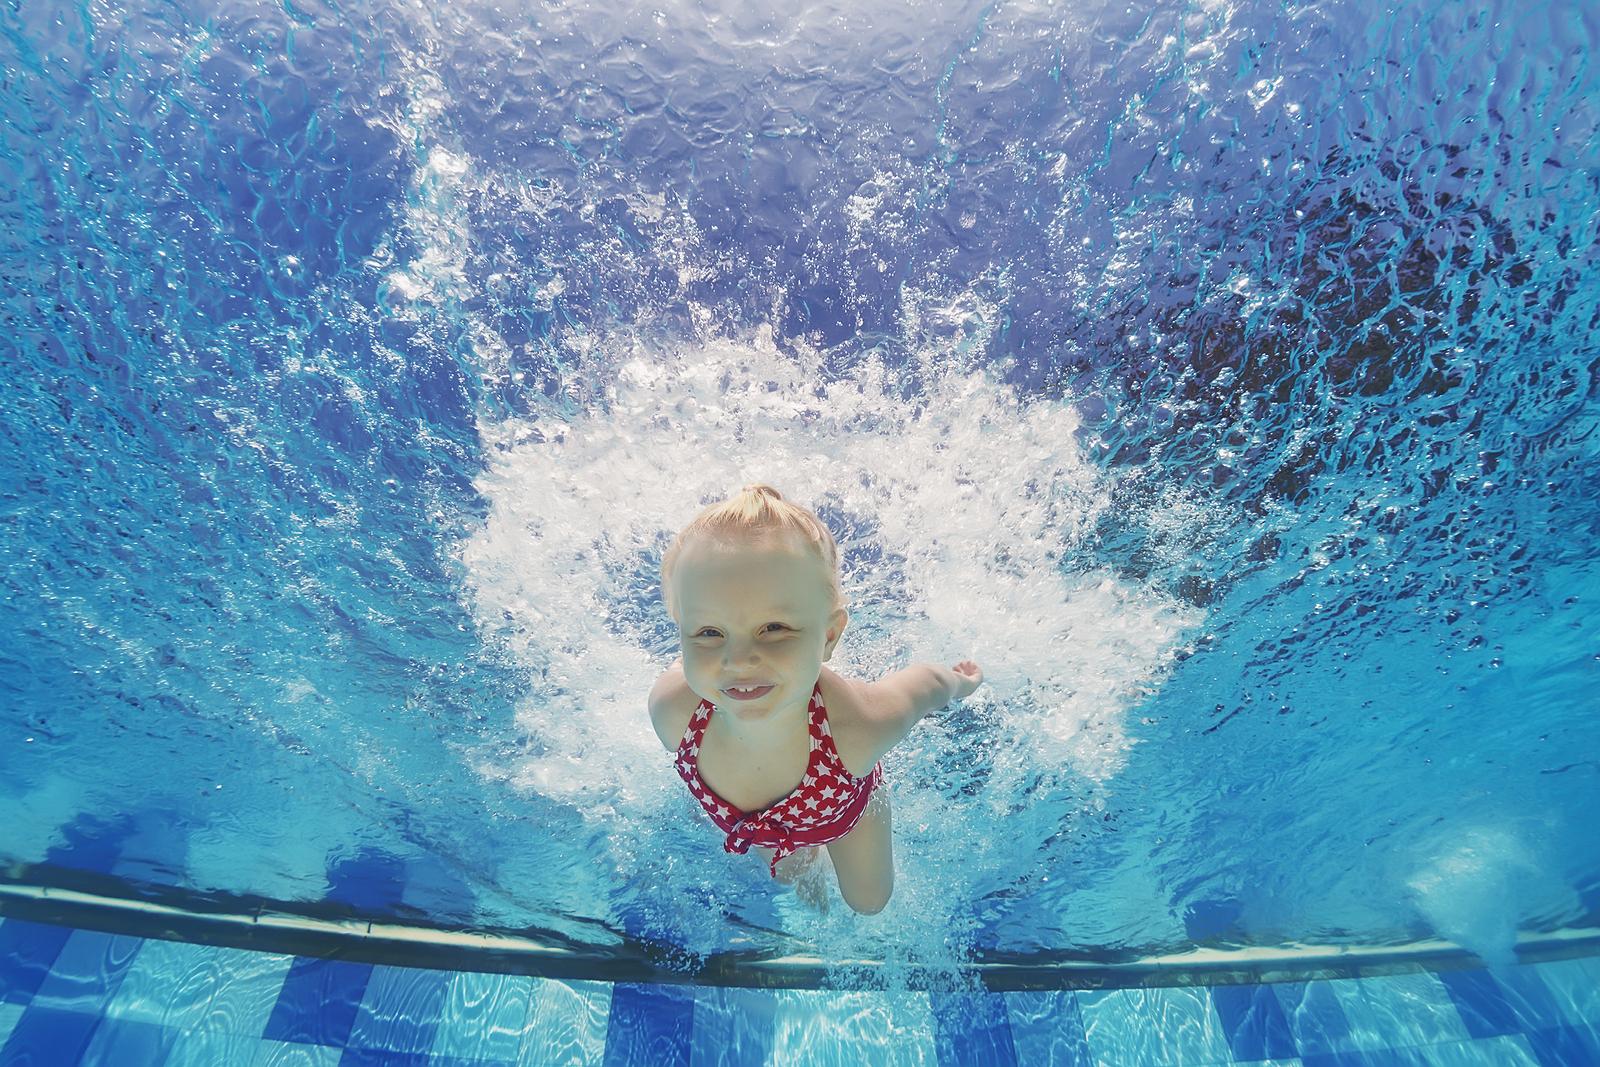 child swimming underwater - photo #23